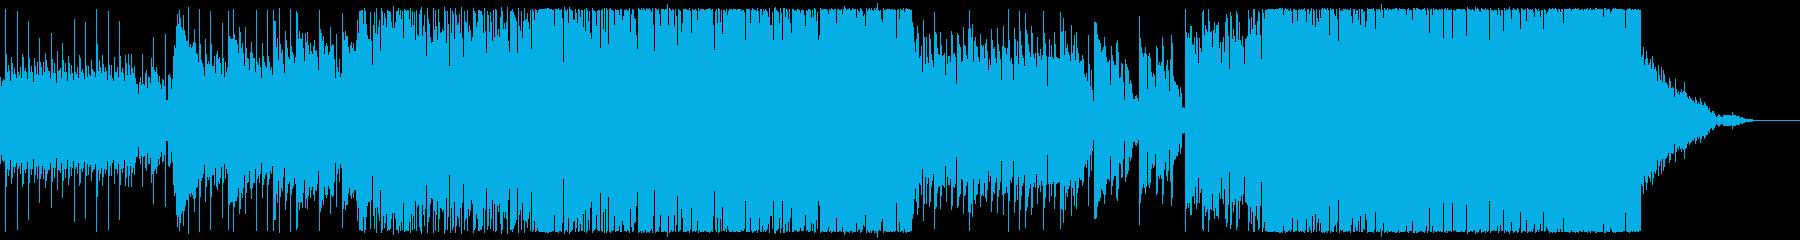 ほのぼのした雰囲気のポップロックの再生済みの波形